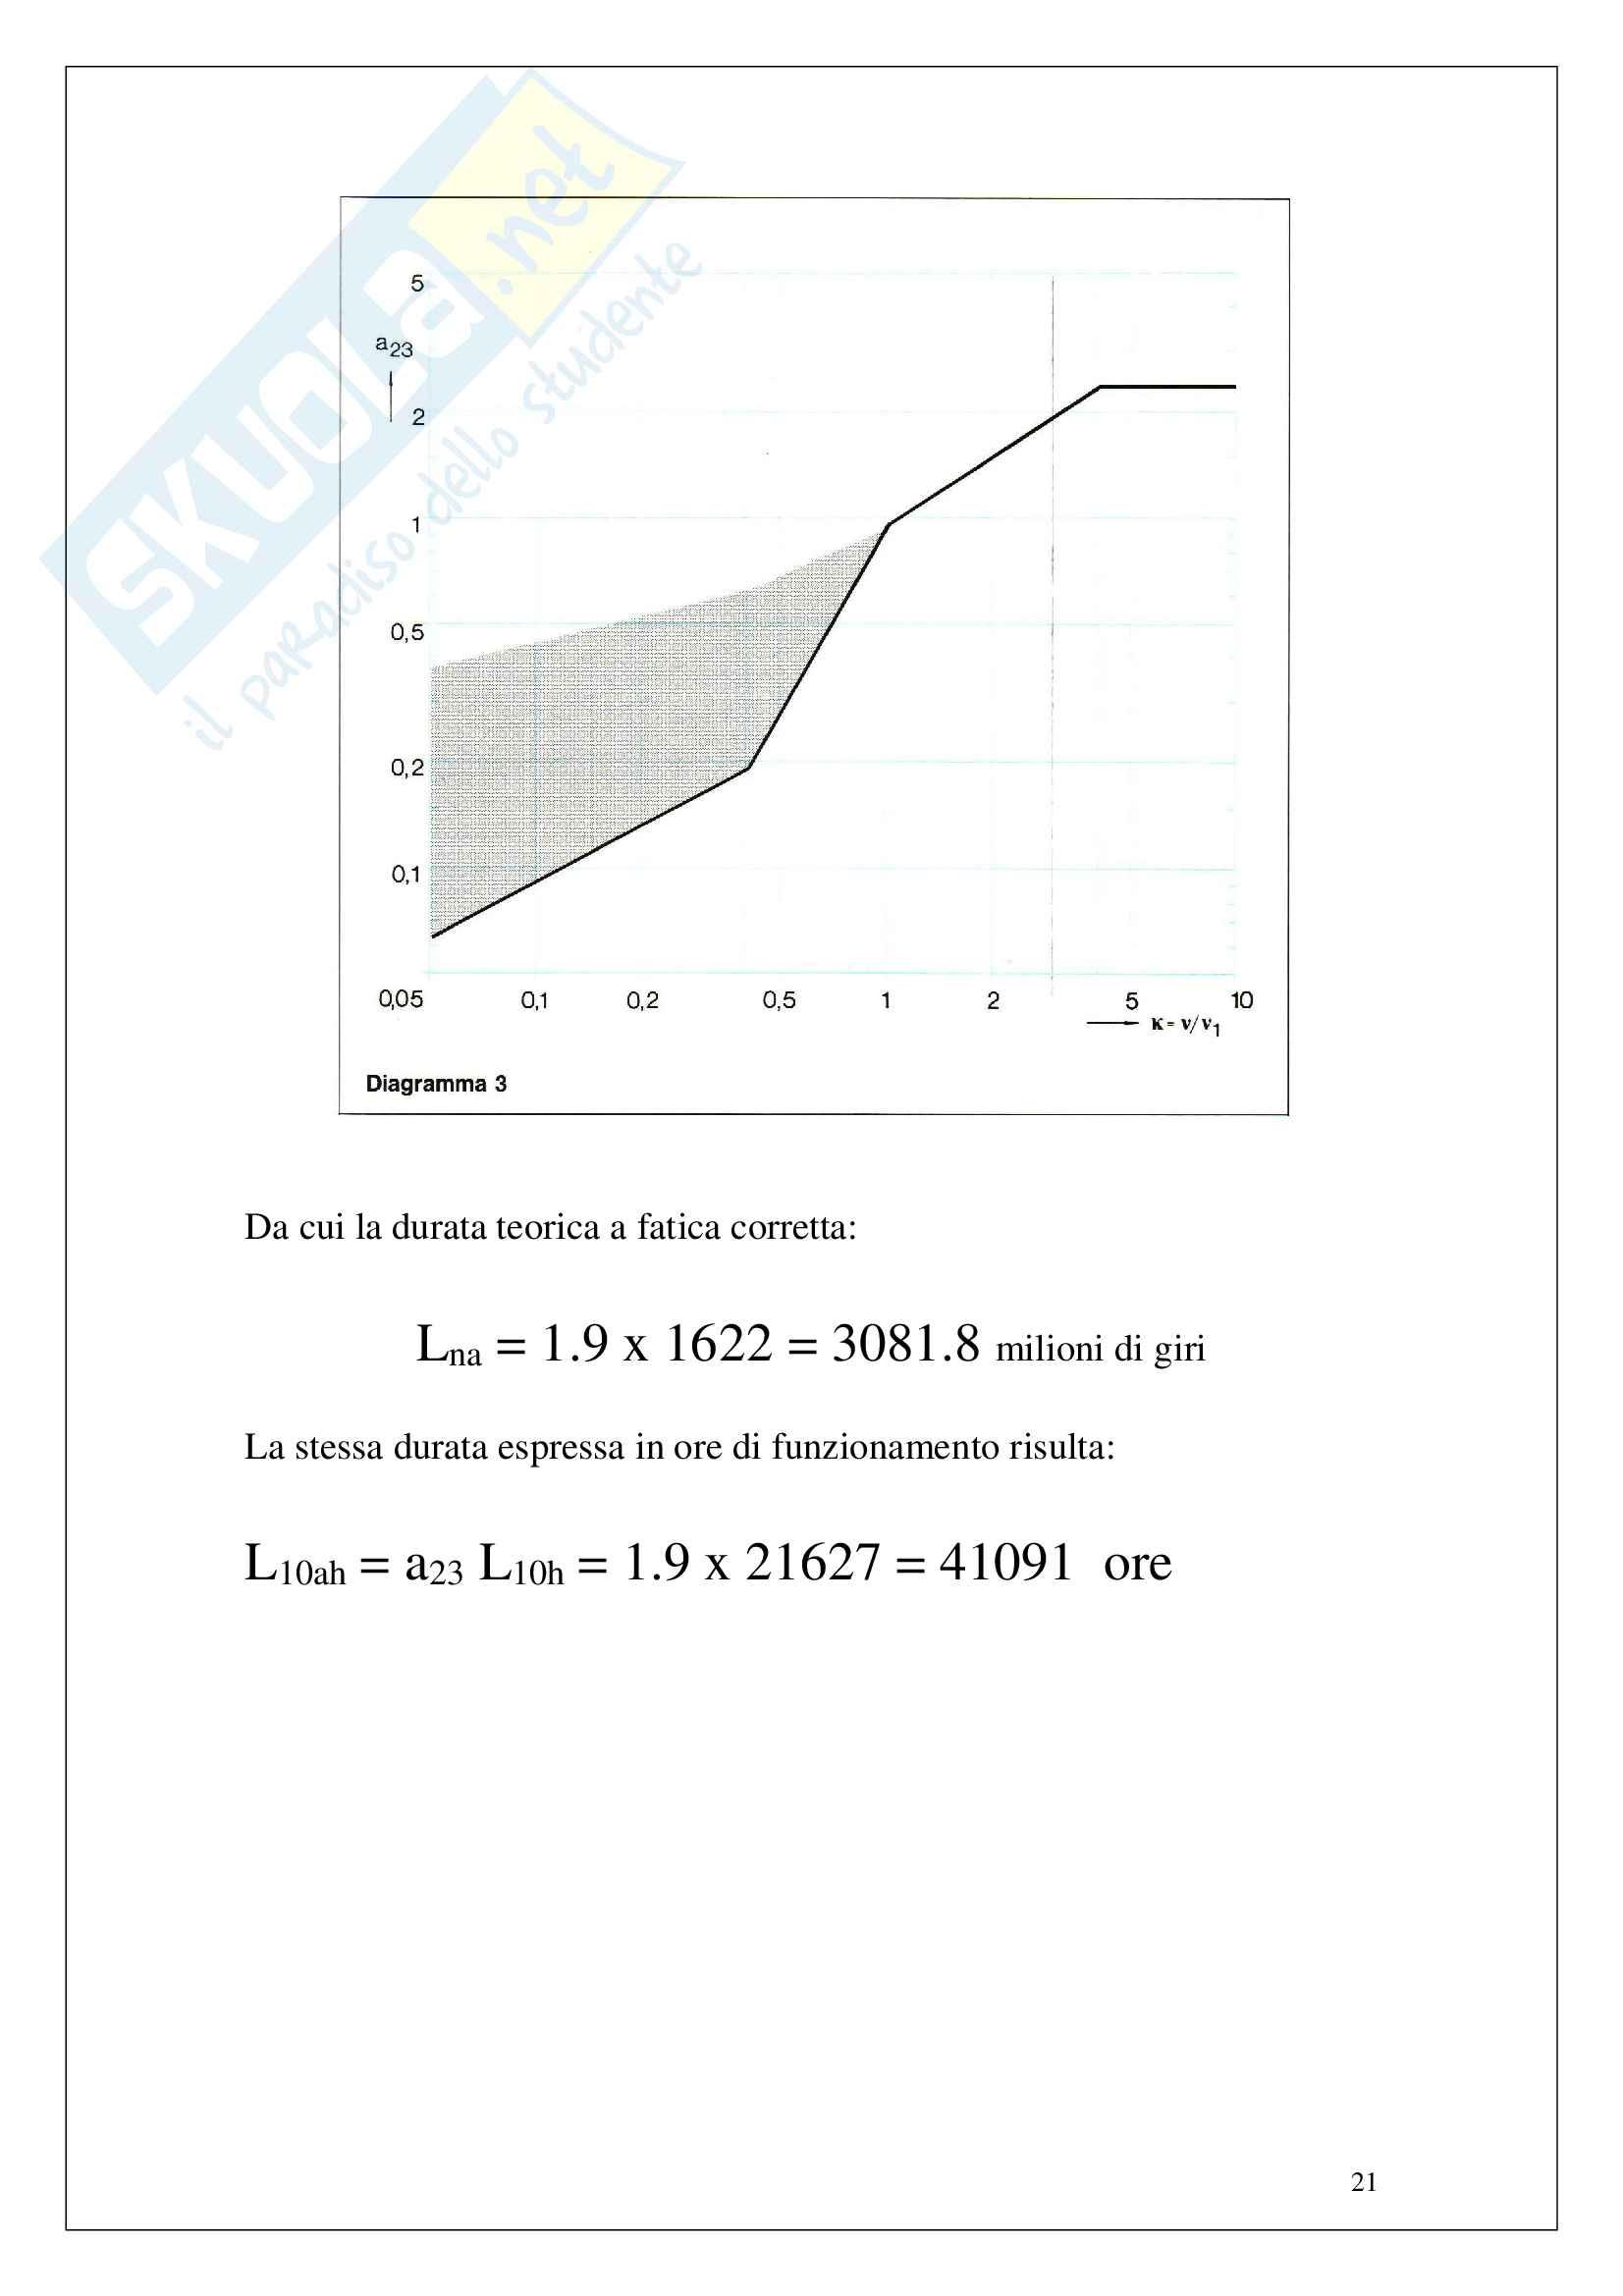 Scelta di cuscinetti per ventilatore centrifugo Pag. 21